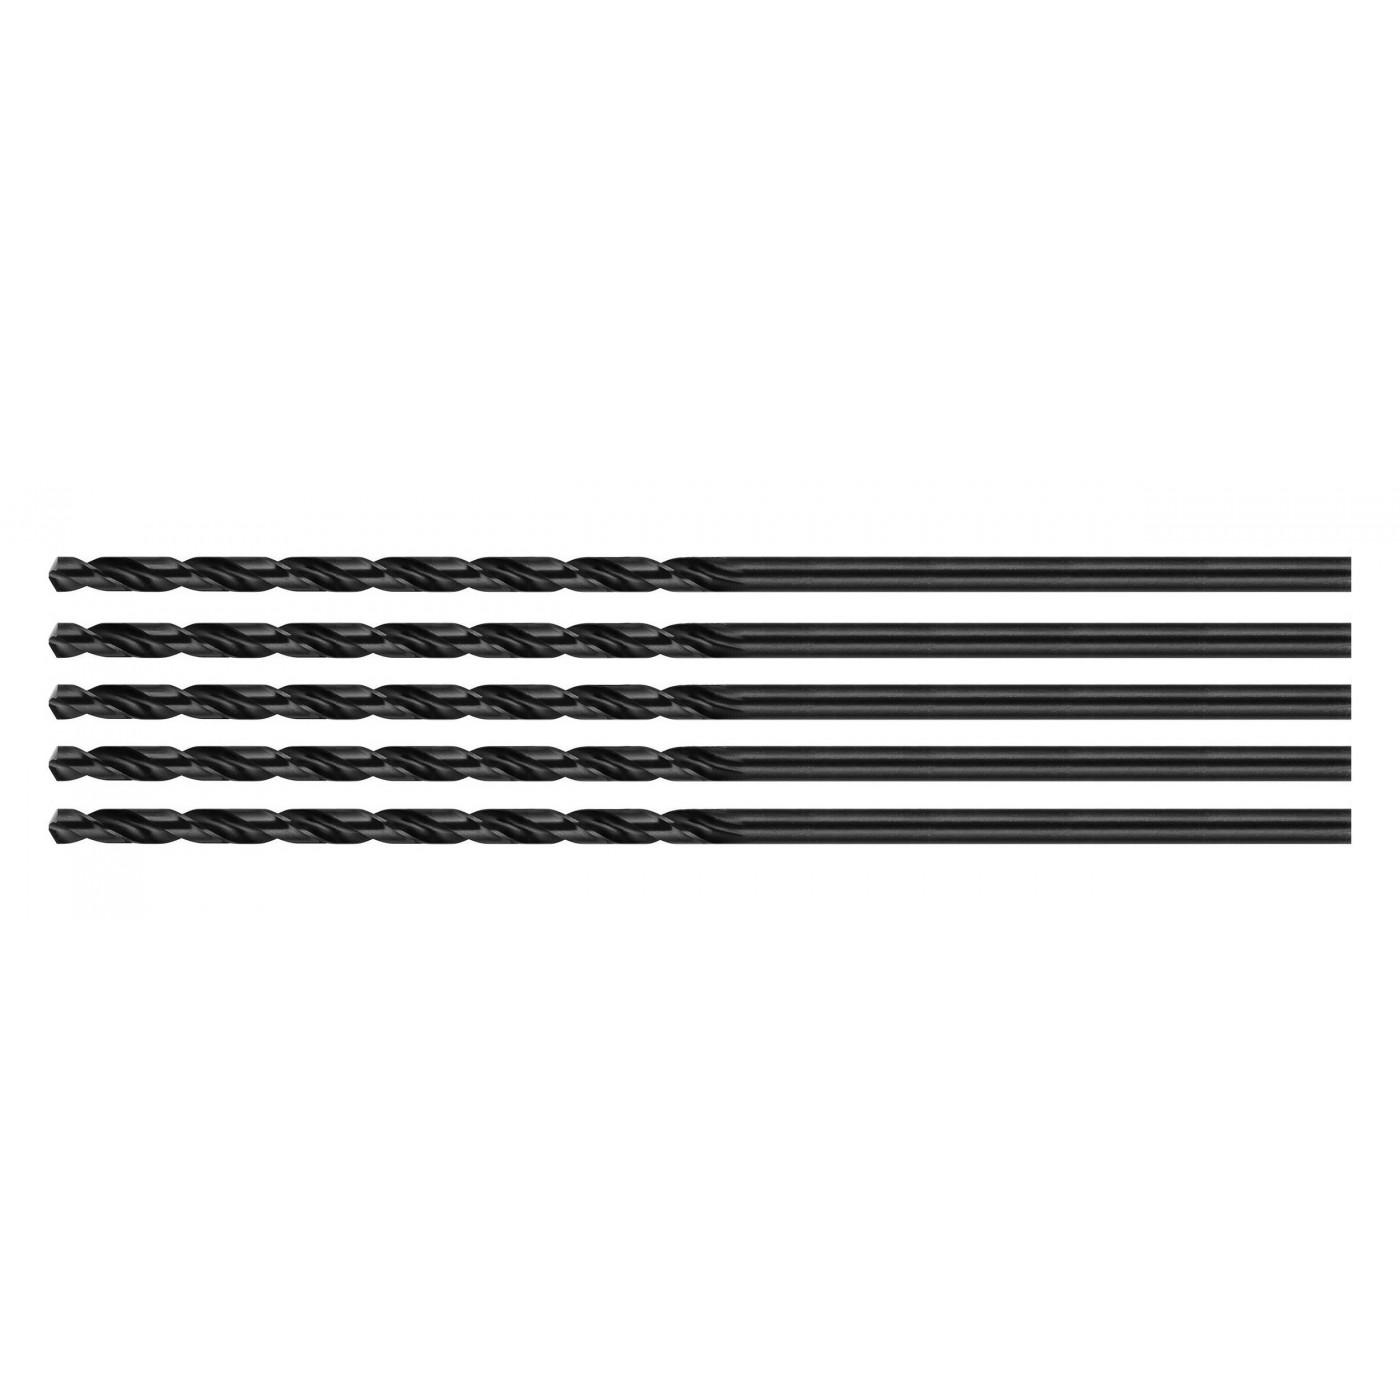 Set van 5 metaalboren (HSS, 4.2x150 mm)